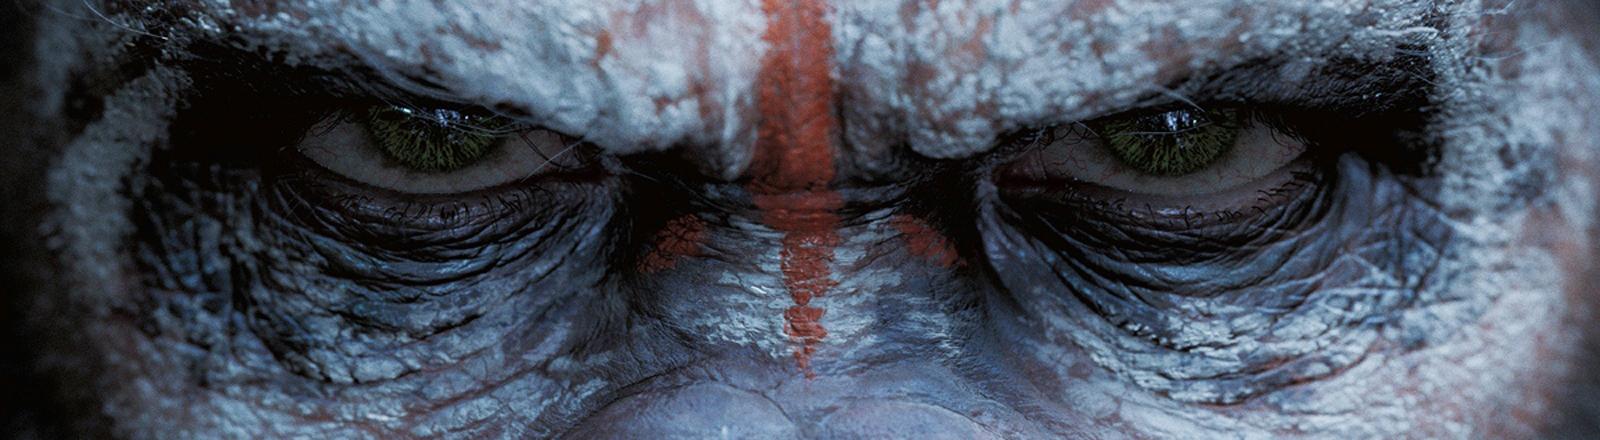 """Das Filmplakat zu """"Planet der Affen"""" zeigt das Gesicht eines Affen mit Kriegsbemalung."""